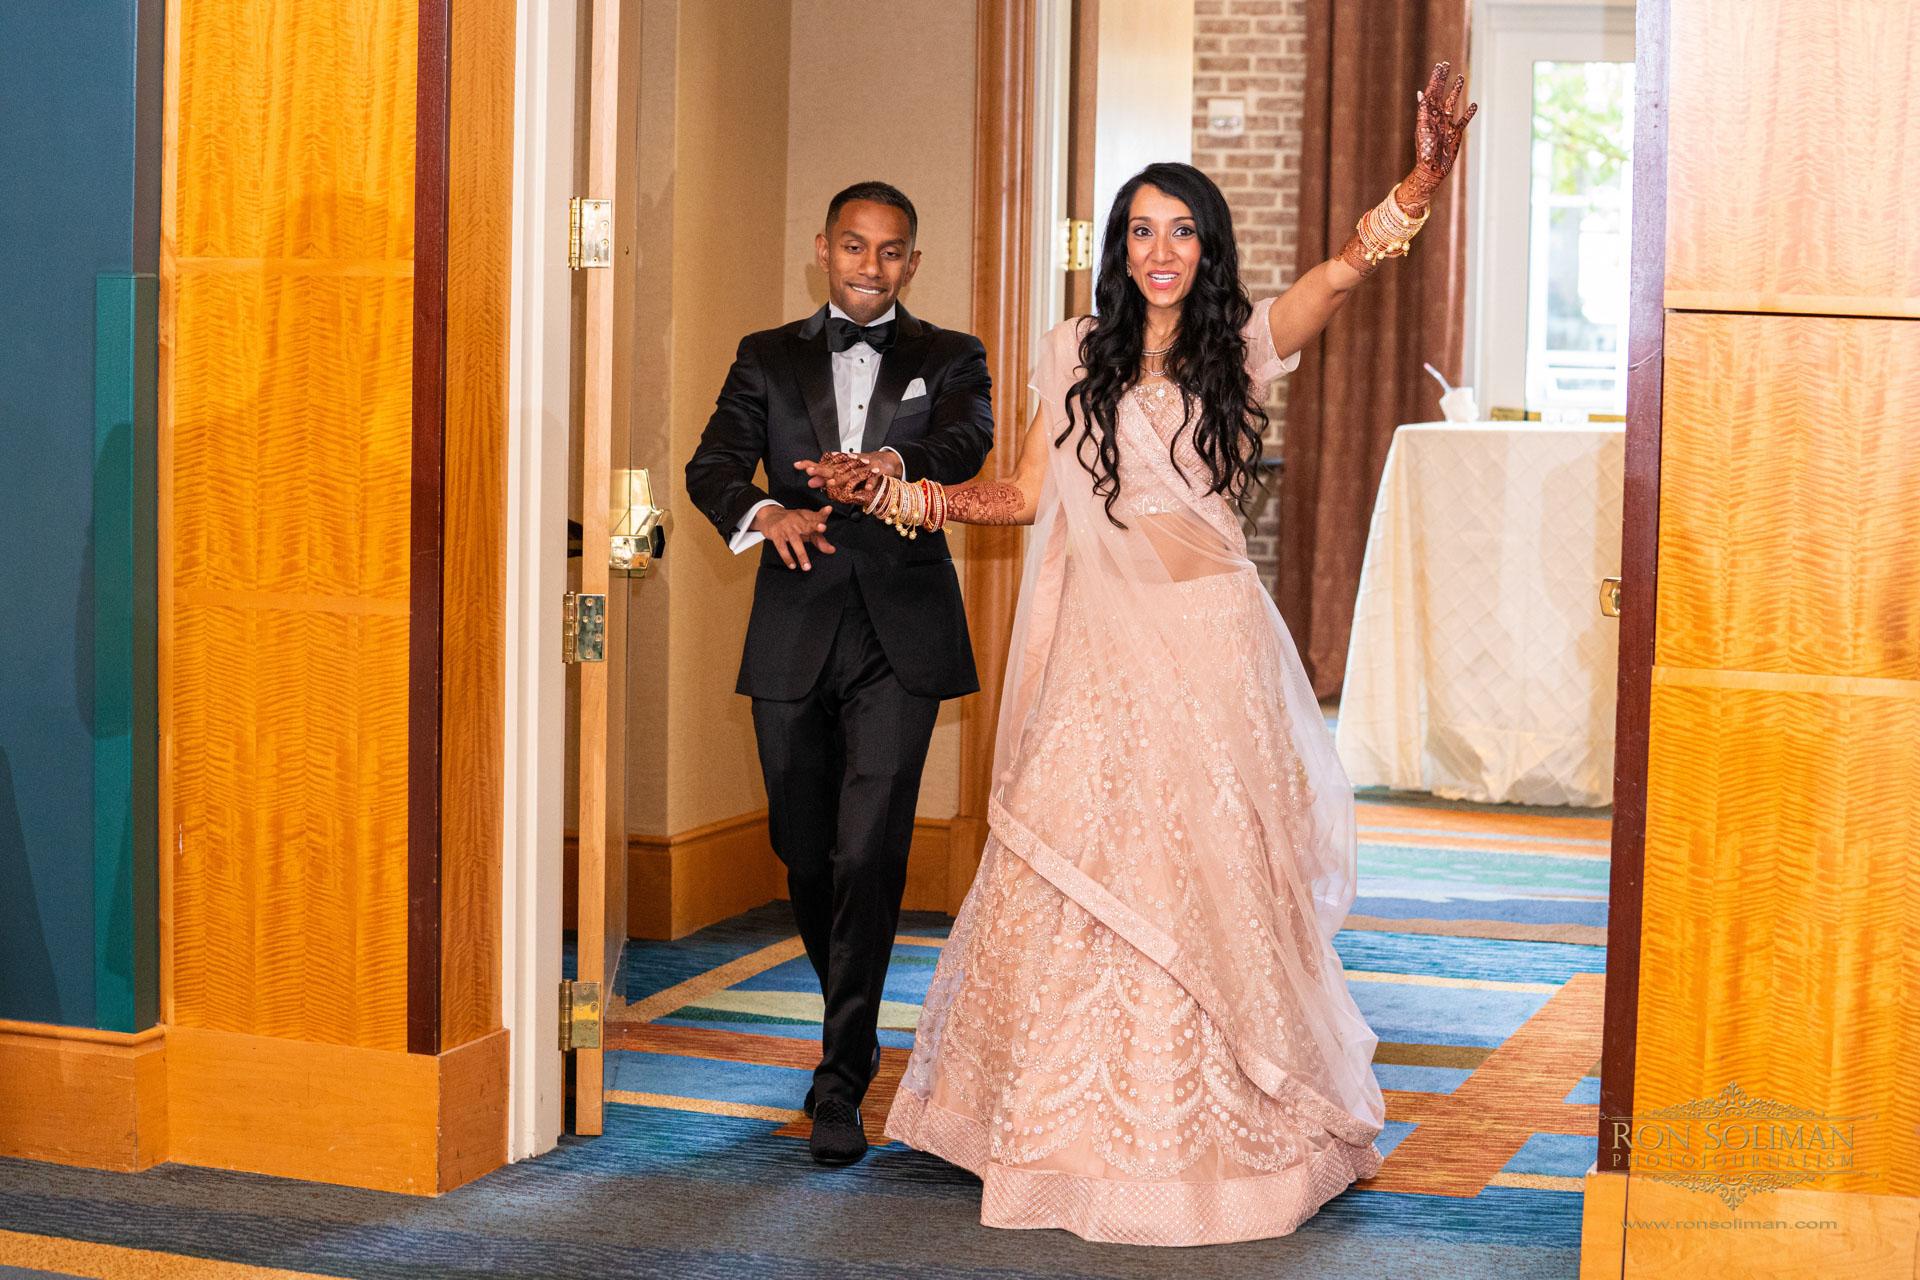 Hyatt Regency Chesapeake Bay Wedding 33